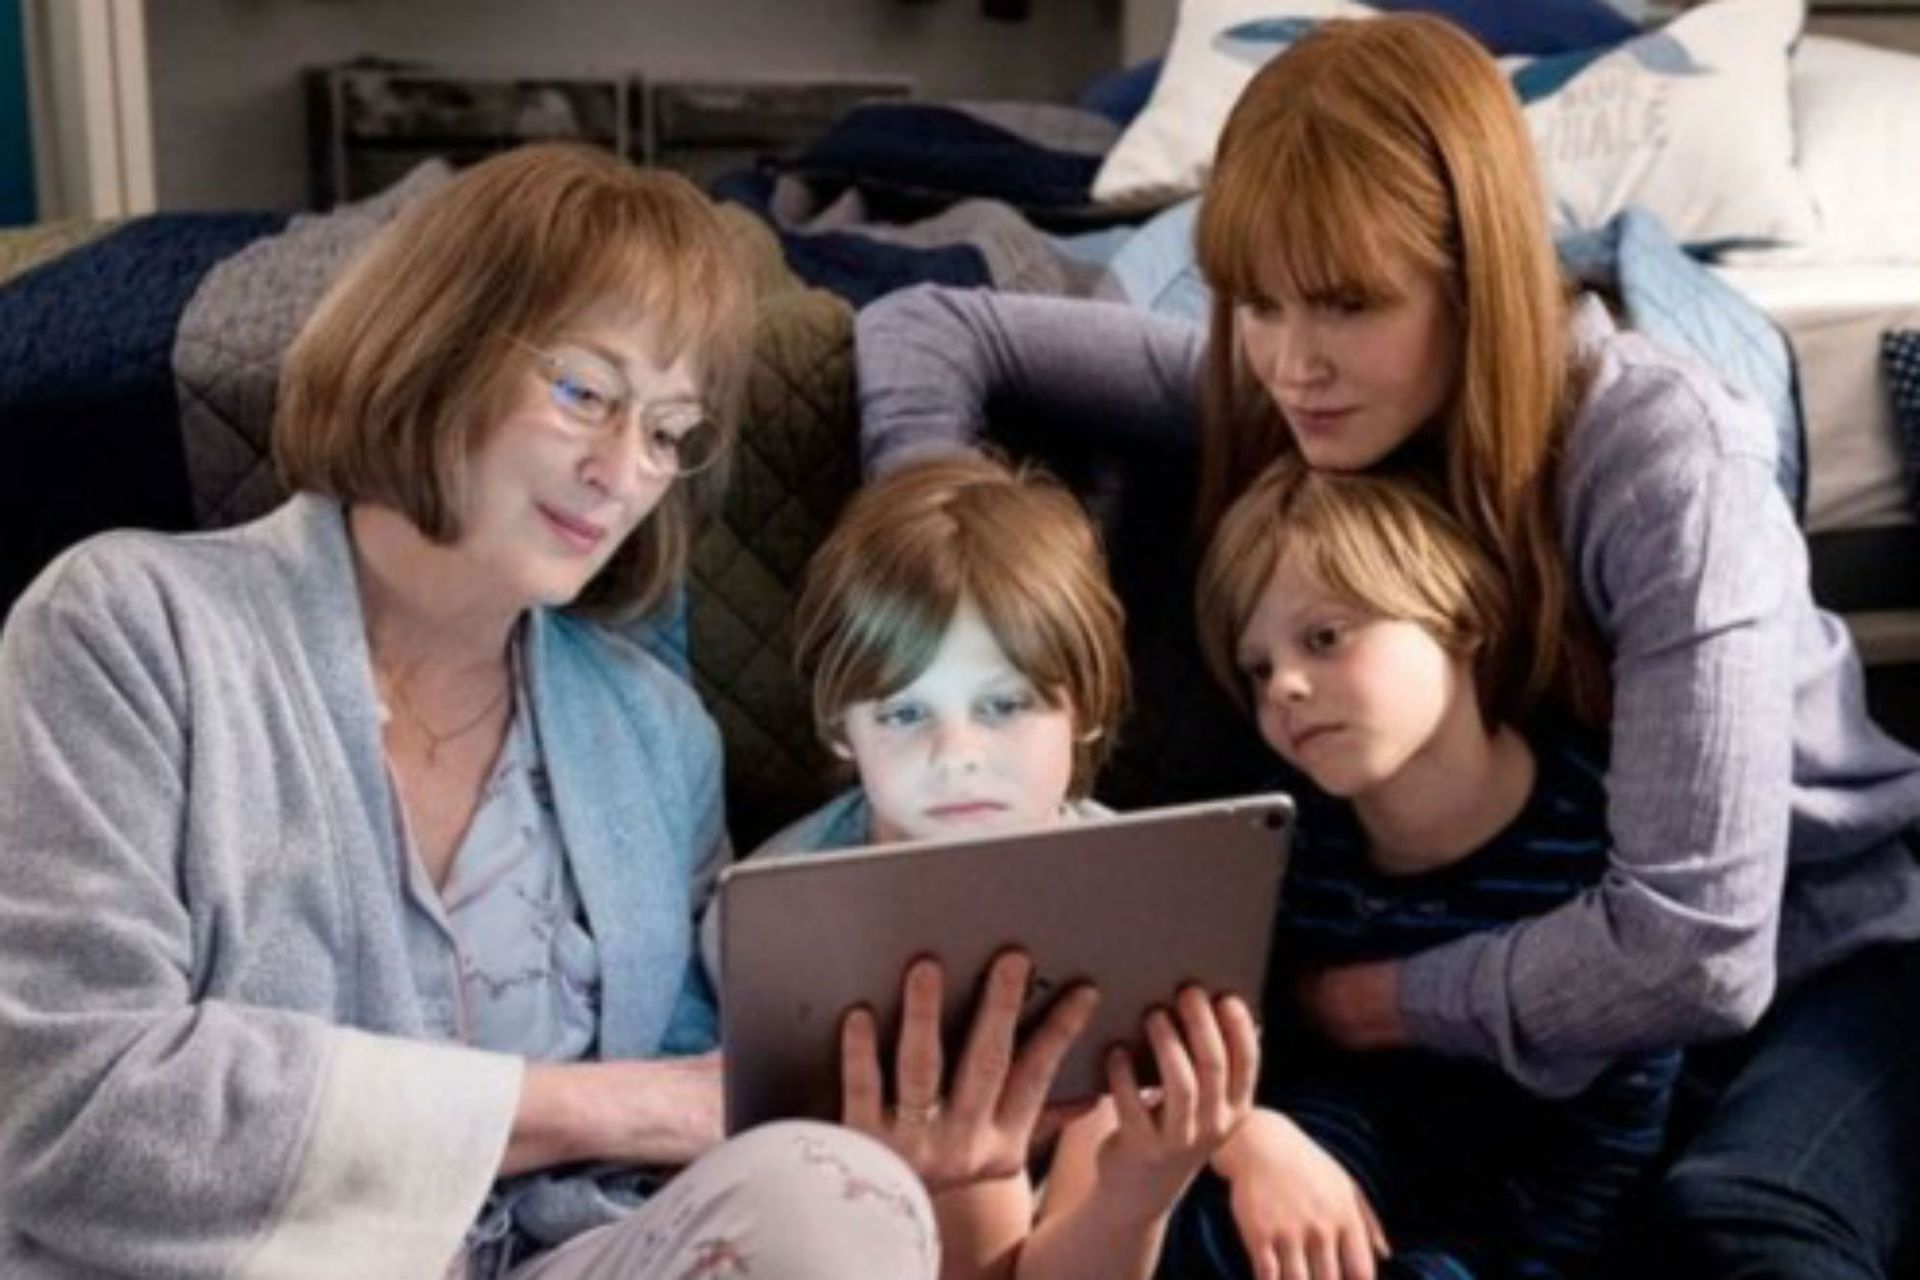 A través del accionar del personaje de Mary Louise, interpretado con sutileza por Meryl Streep, se echó luz sobre la revictimización que sufren las víctimas de abuso, como el caso de Celeste y Jane